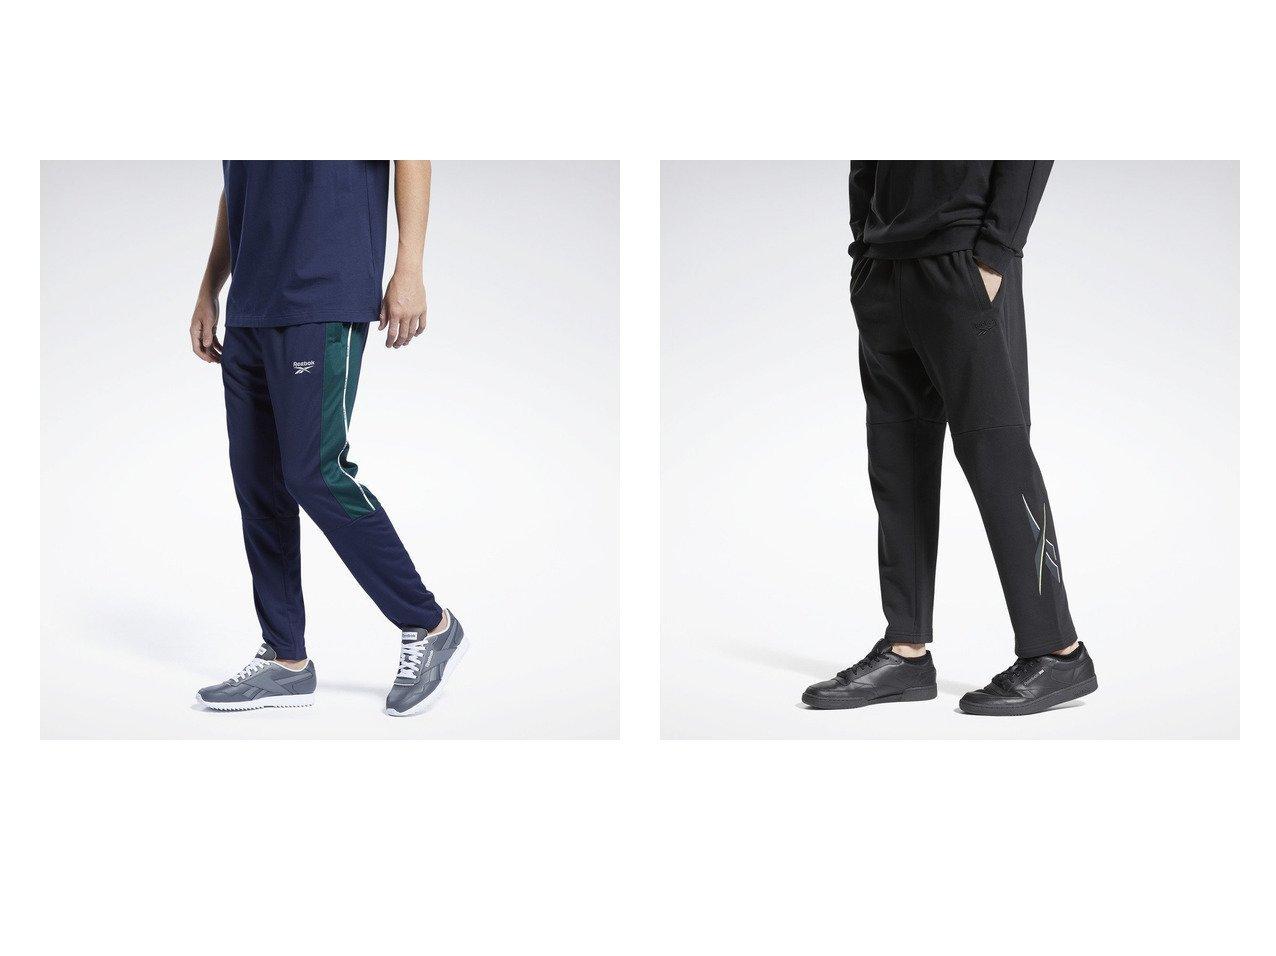 【Reebok/リーボック】のクラシックス ニットパンツ Classics Knit Pants&クラシックス リニア トラック パンツ Classics Linear Track Pants パンツのおすすめ!人気、トレンド・レディースファッションの通販 おすすめで人気の流行・トレンド、ファッションの通販商品 メンズファッション・キッズファッション・インテリア・家具・レディースファッション・服の通販 founy(ファニー) https://founy.com/ ファッション Fashion レディースファッション WOMEN パンツ Pants スリム ドローコード パイピング フィット メンズ モダン フレンチ レギュラー |ID:crp329100000016283